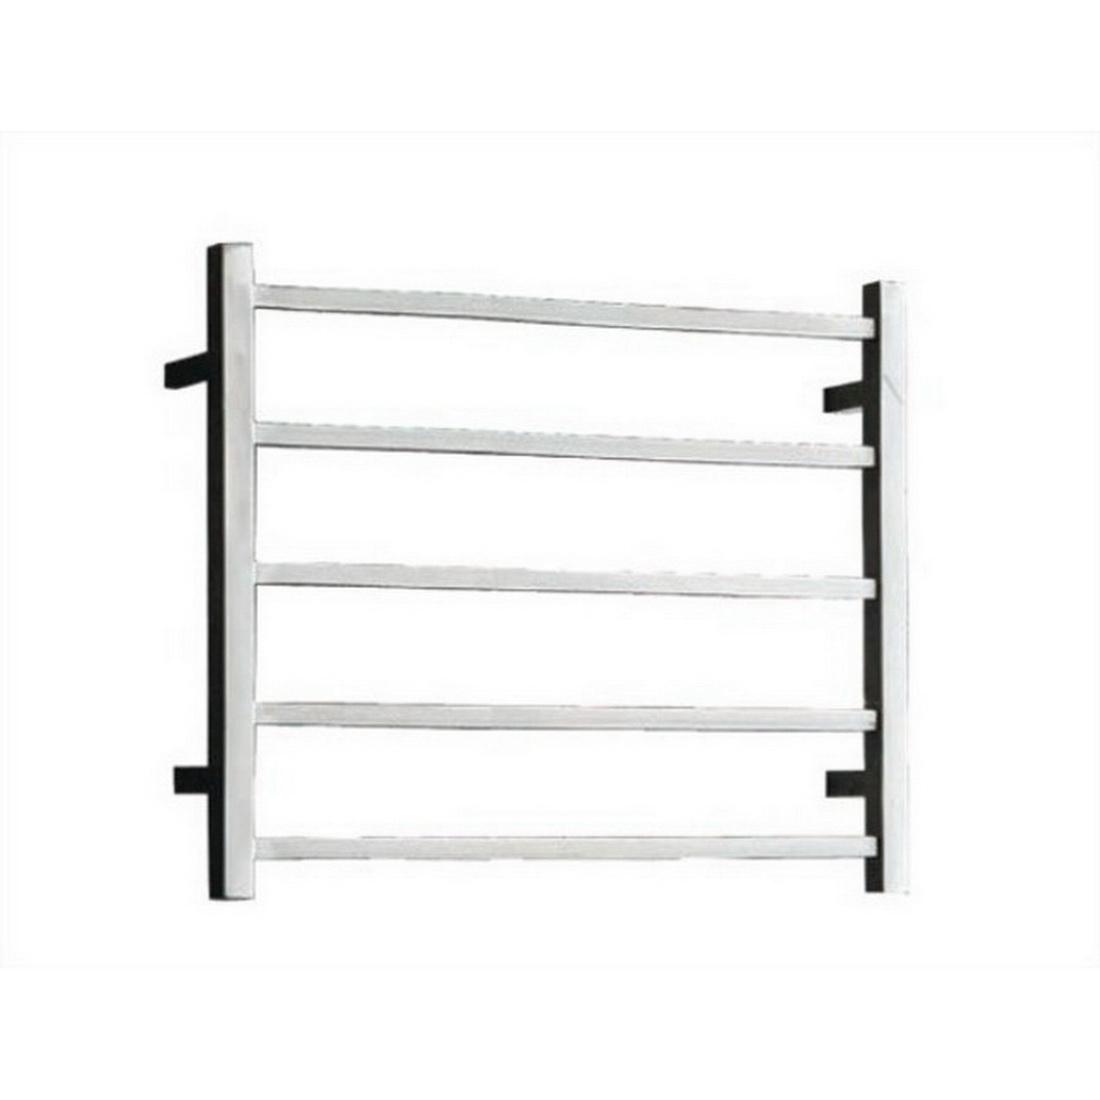 SQR Heated Towel Rail Ladder 530 x 600 x 122mm 5 Bars 58W